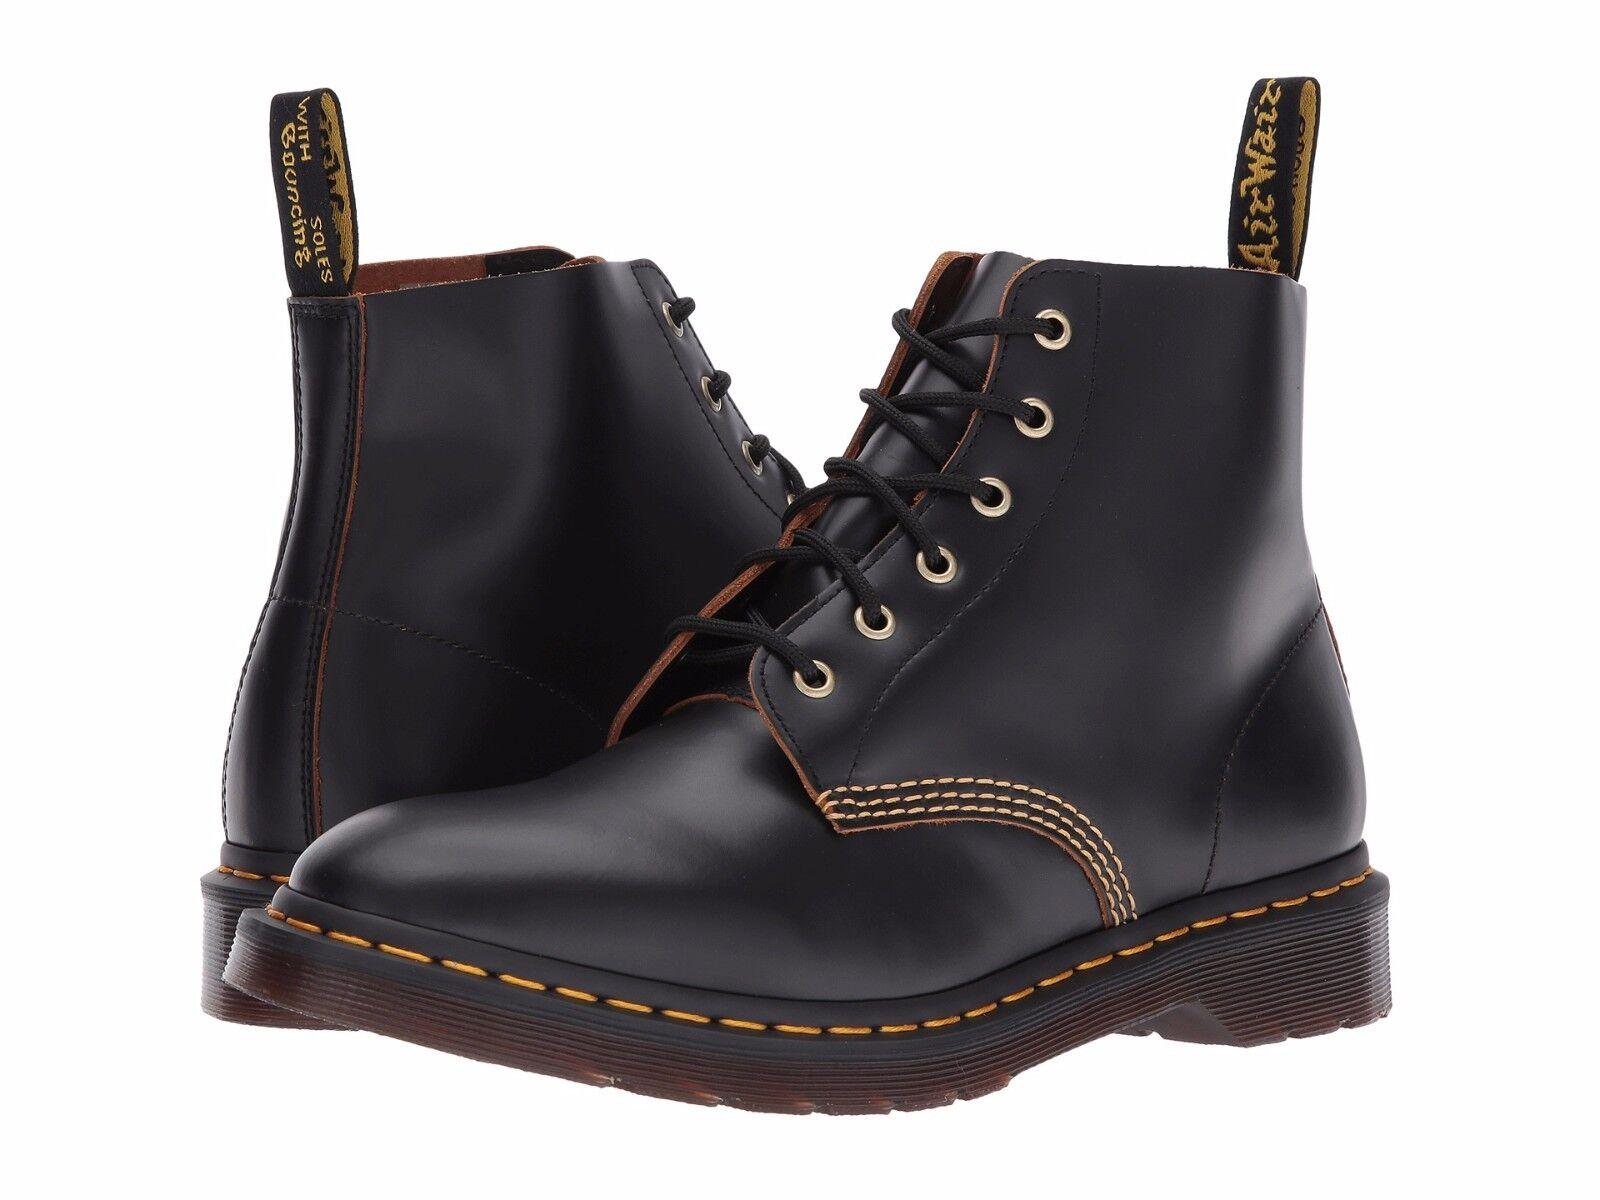 Costa uno la libertà  Men's Shoes Dr. Martens 101 ARCHIVE 6 Eyelet Ankle Boot 22701001 BLACK for  sale online